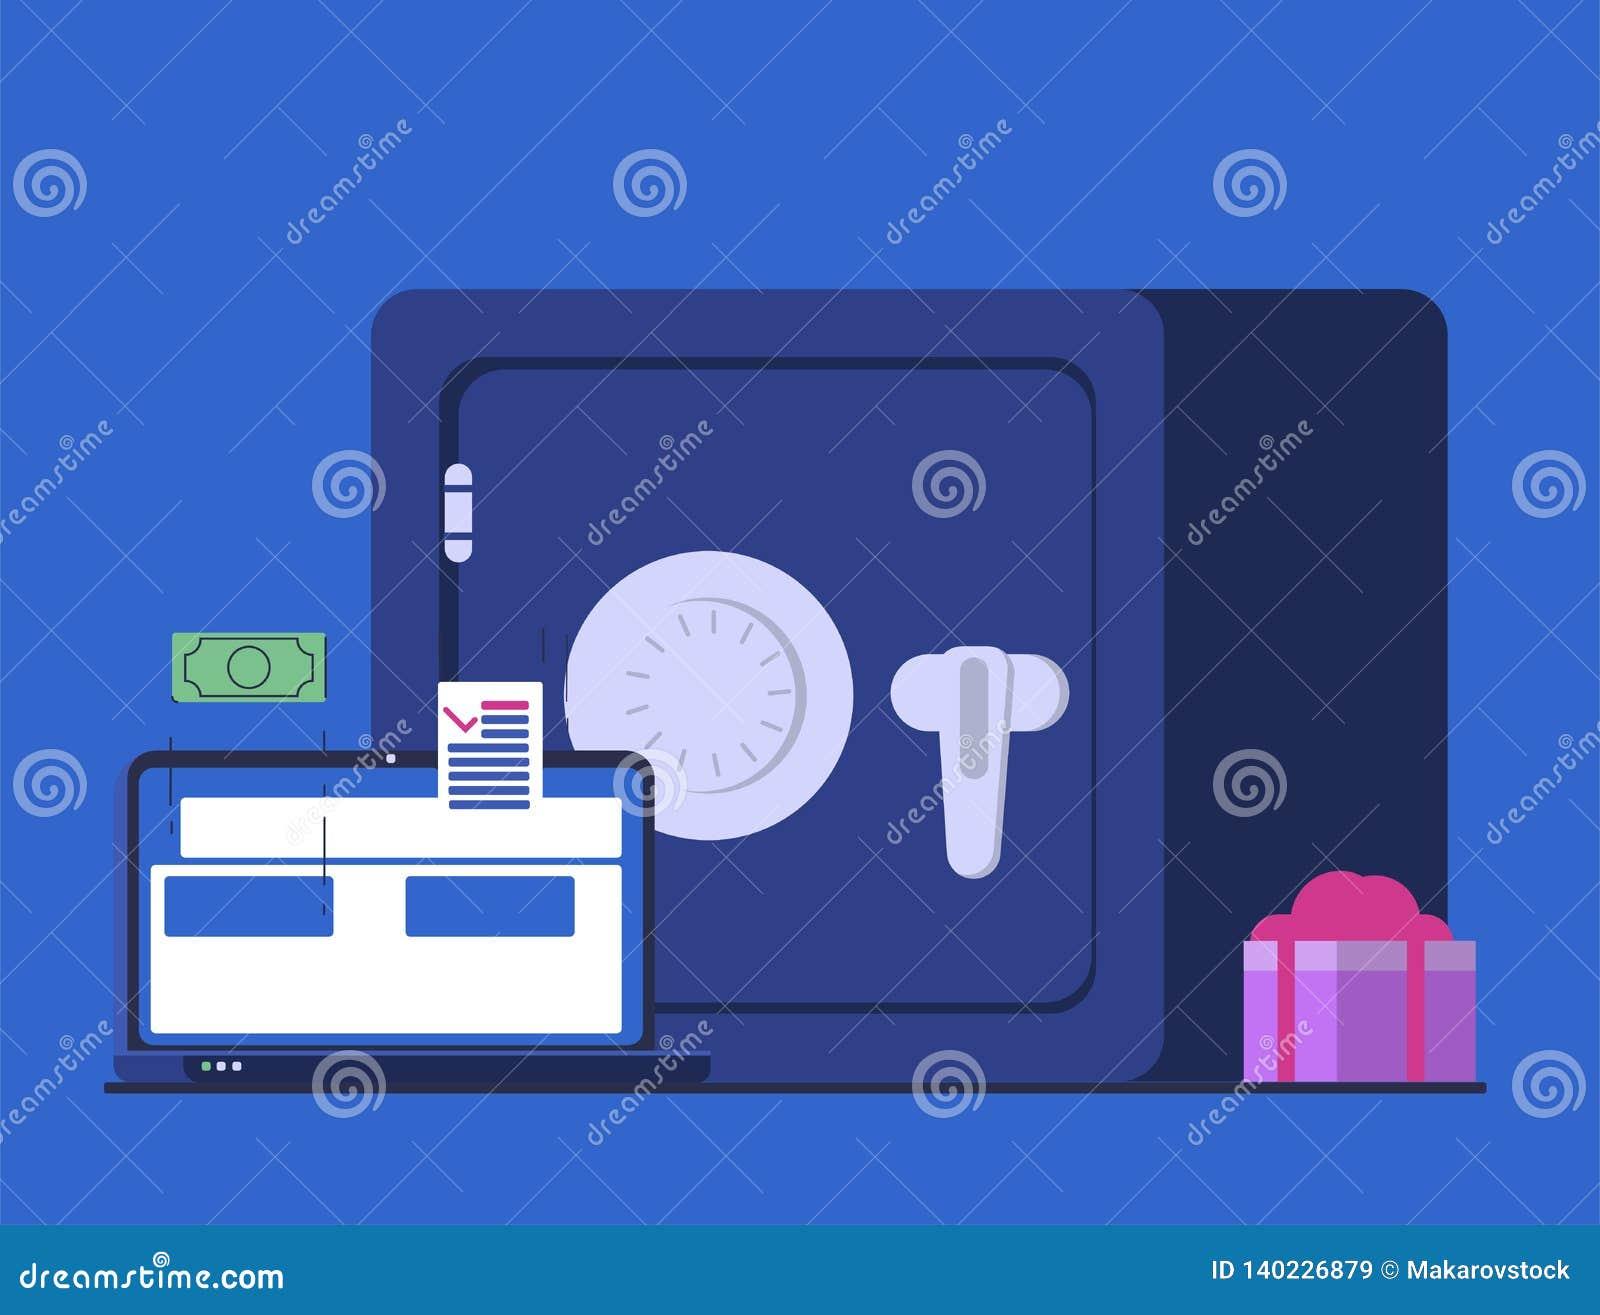 Attività bancarie online ed inviare soldi